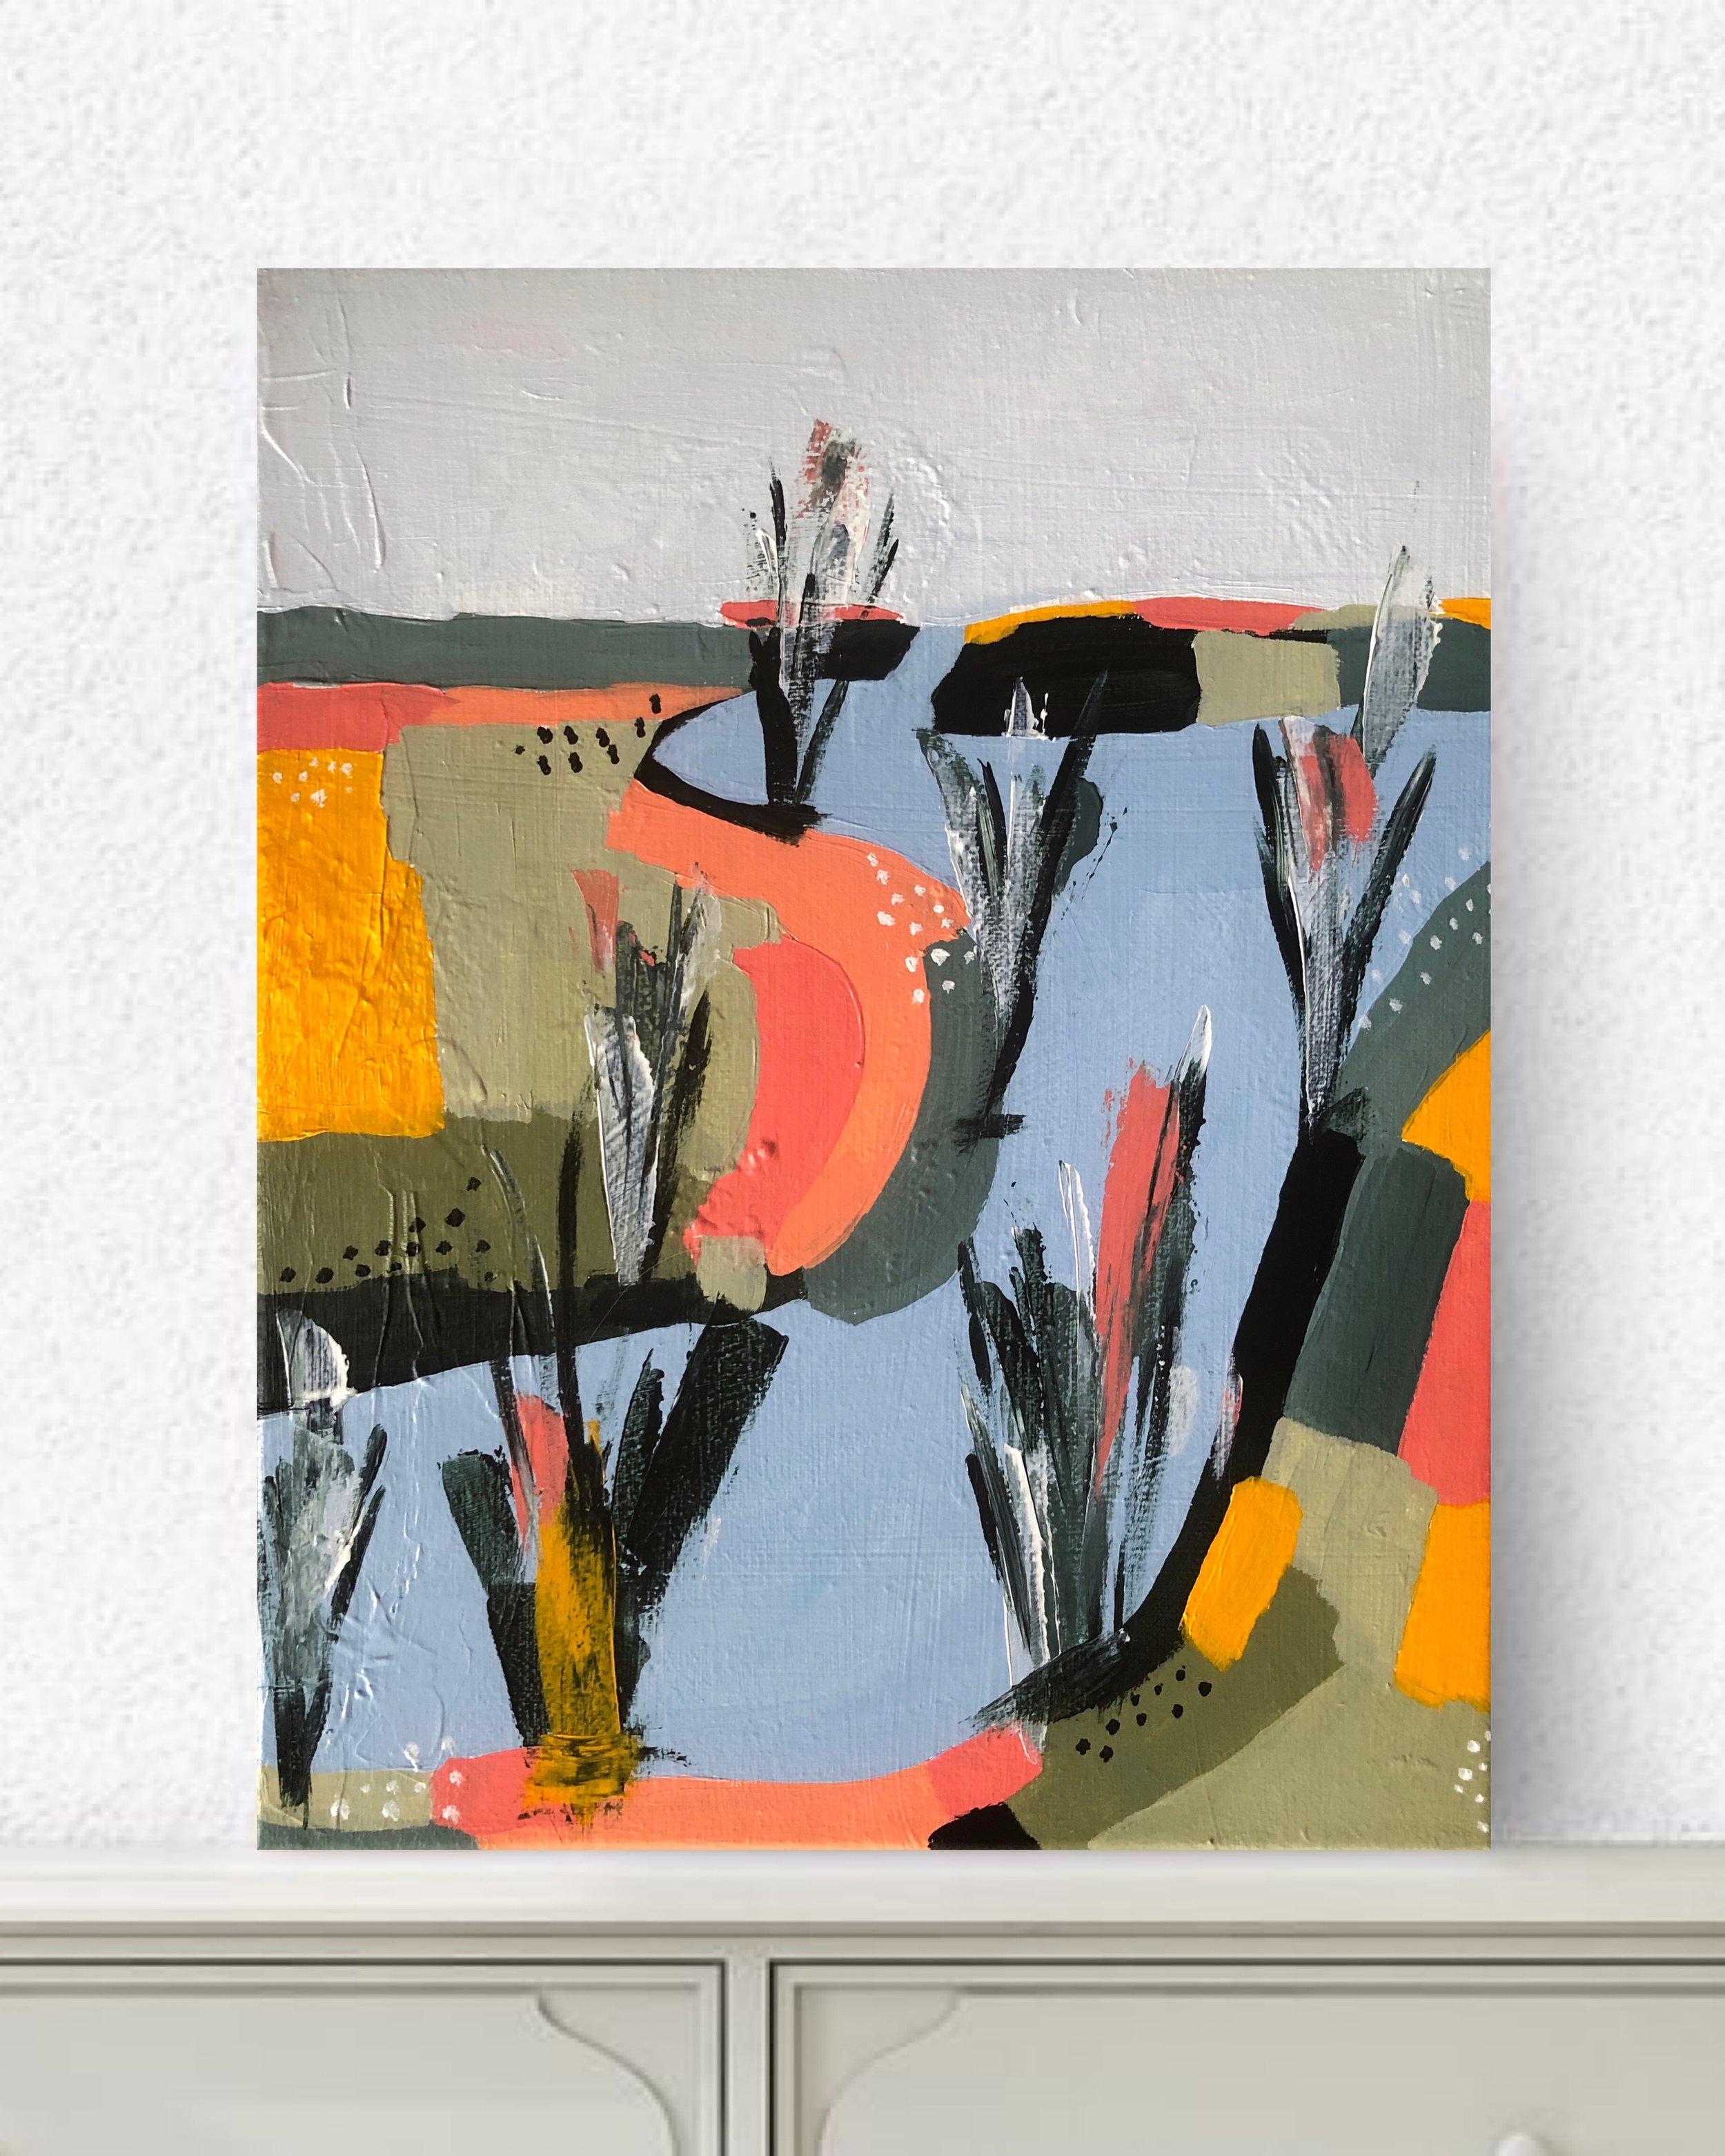 """Salt Marsh #2, 2019 - 11x14""""acrylic on canvascomes framed in black floater frame$250"""